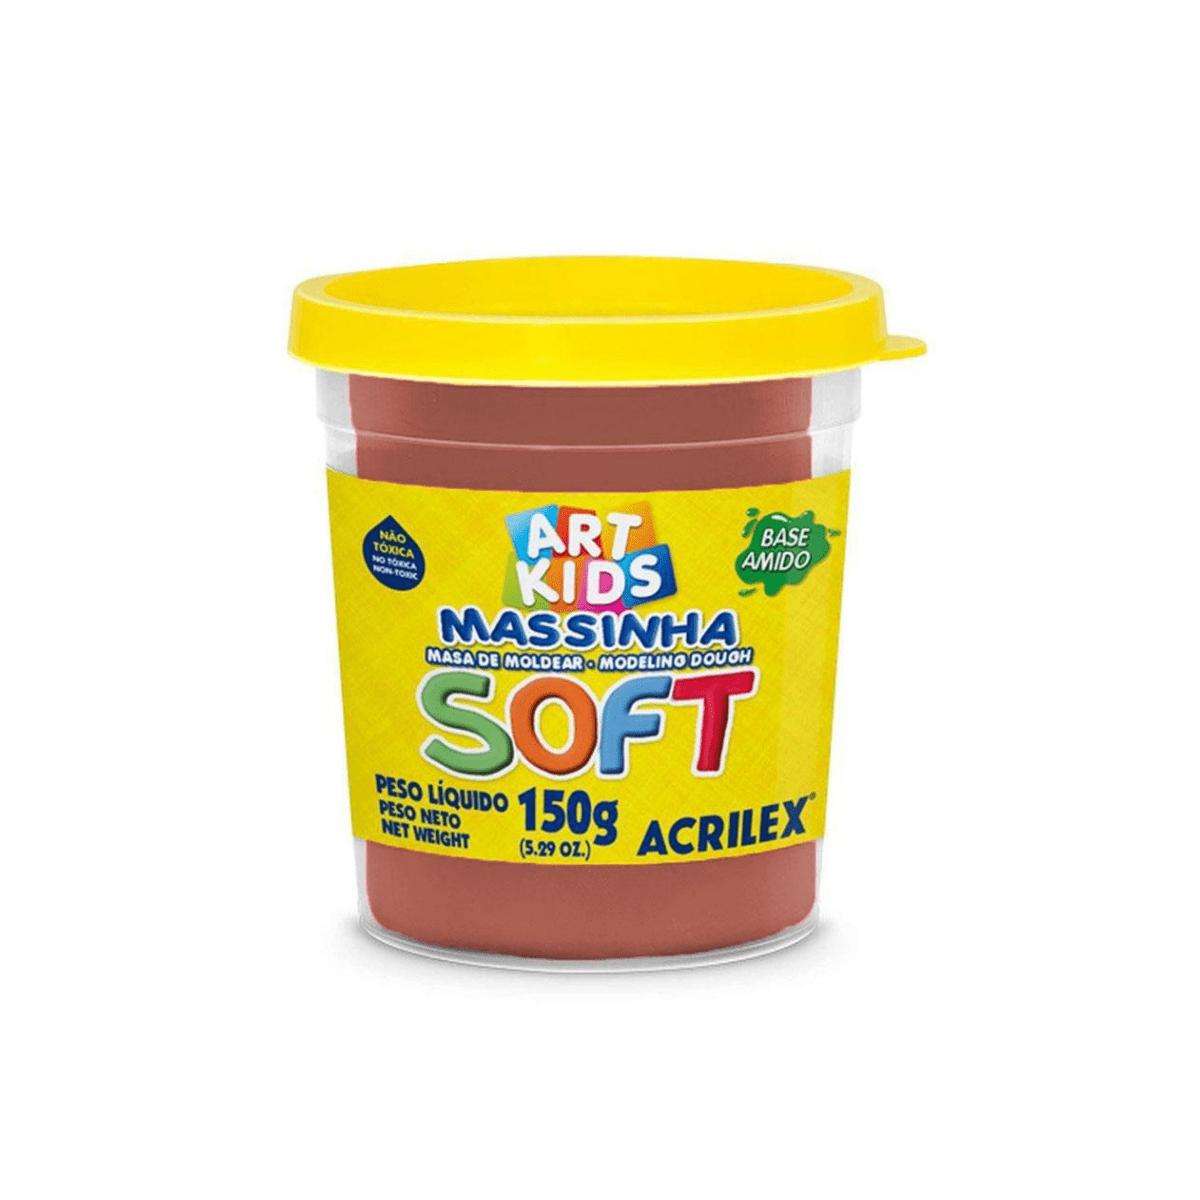 Massinha Pote 150g Soft - Acrilex